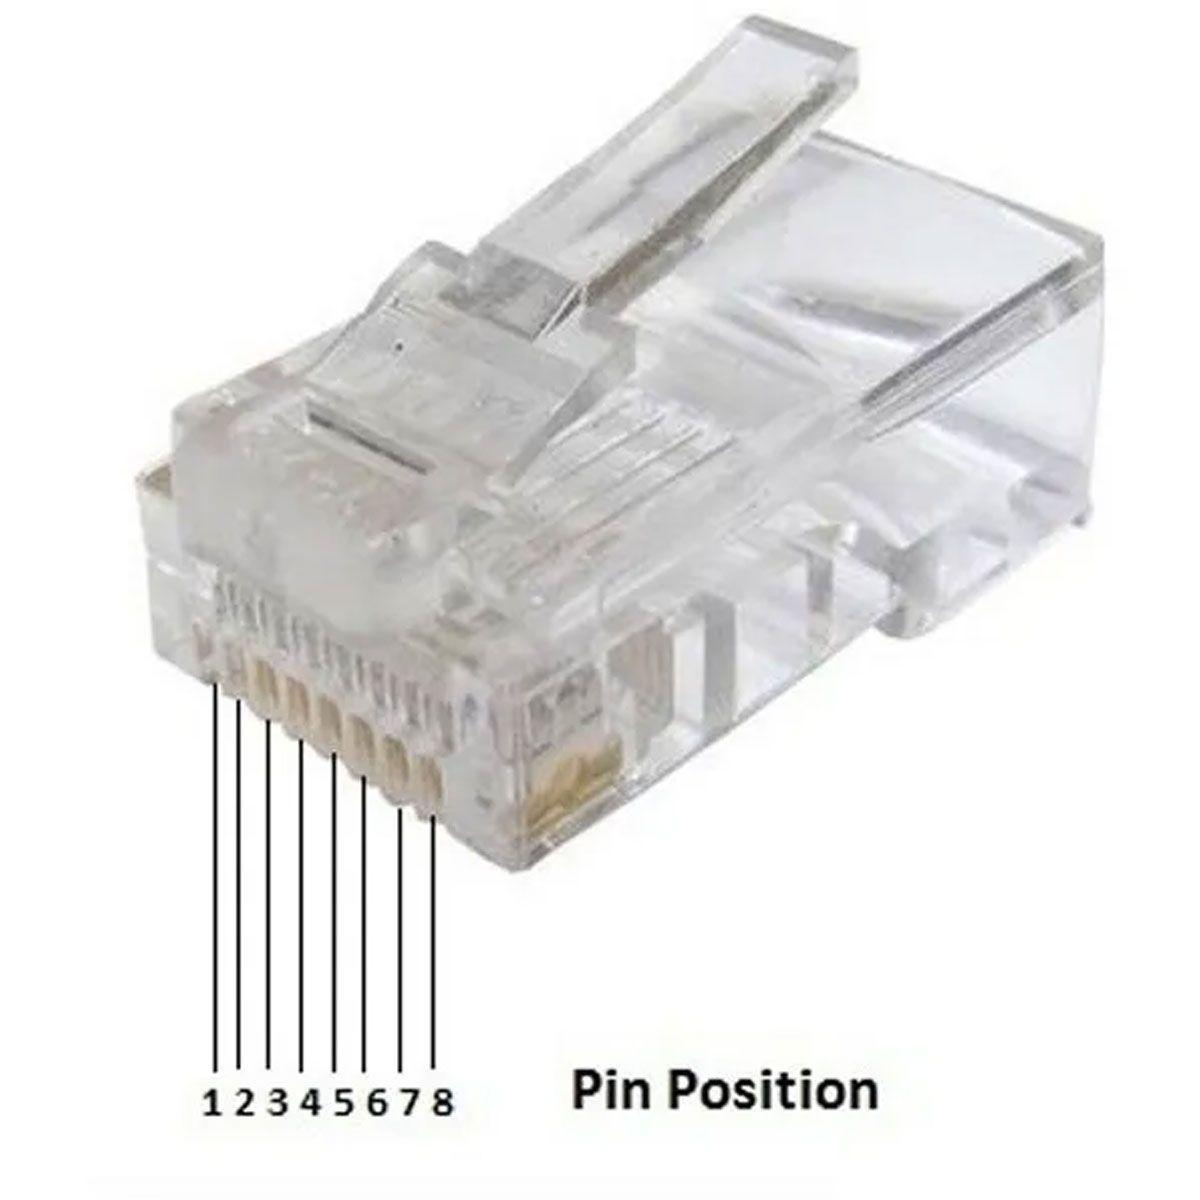 Pacote com 10 Conector Rj45 Cat5e Banho De Ouro Cabo Rede